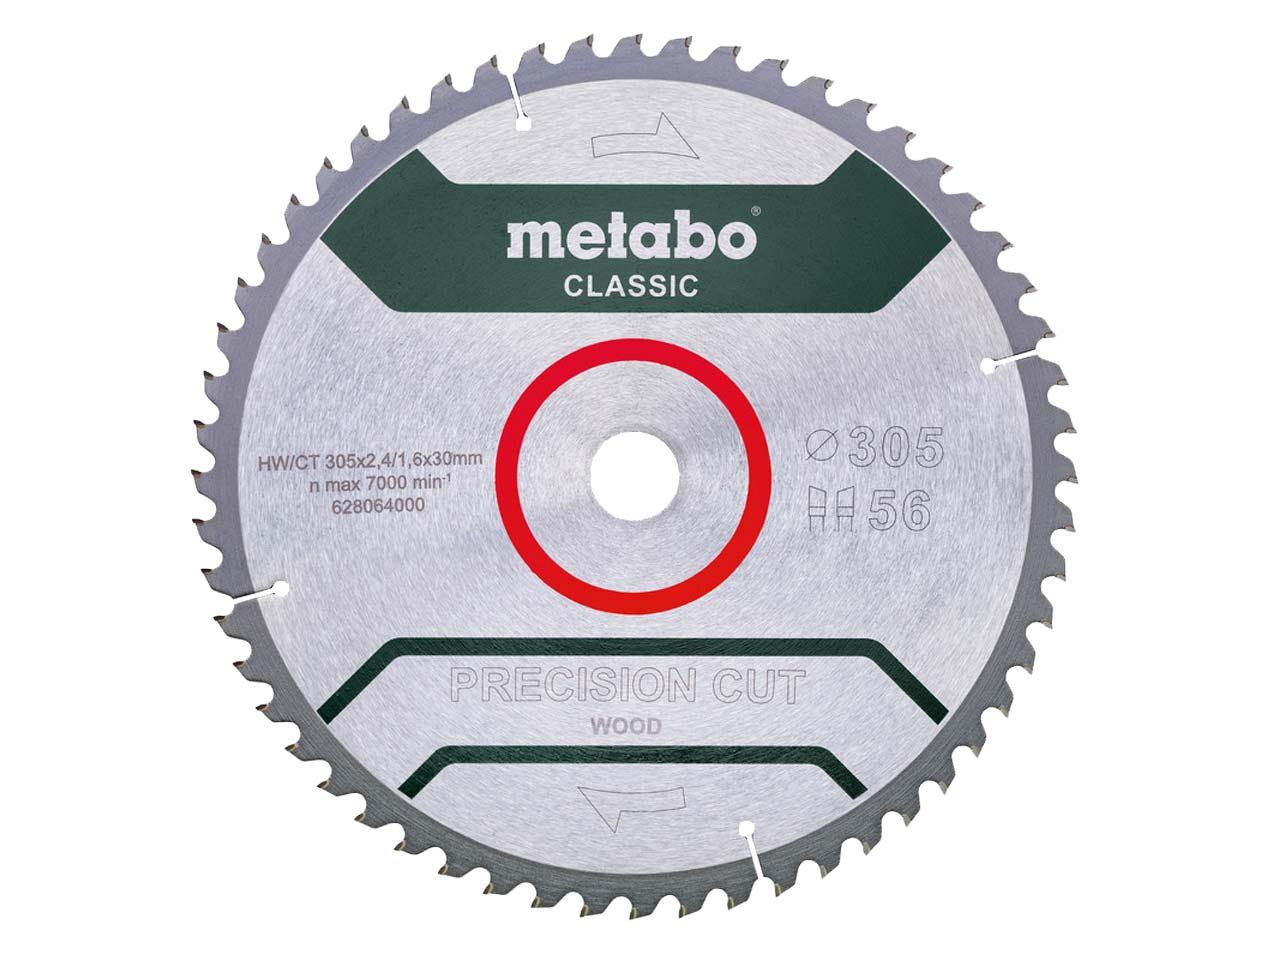 Metabo_628066000v2.jpg